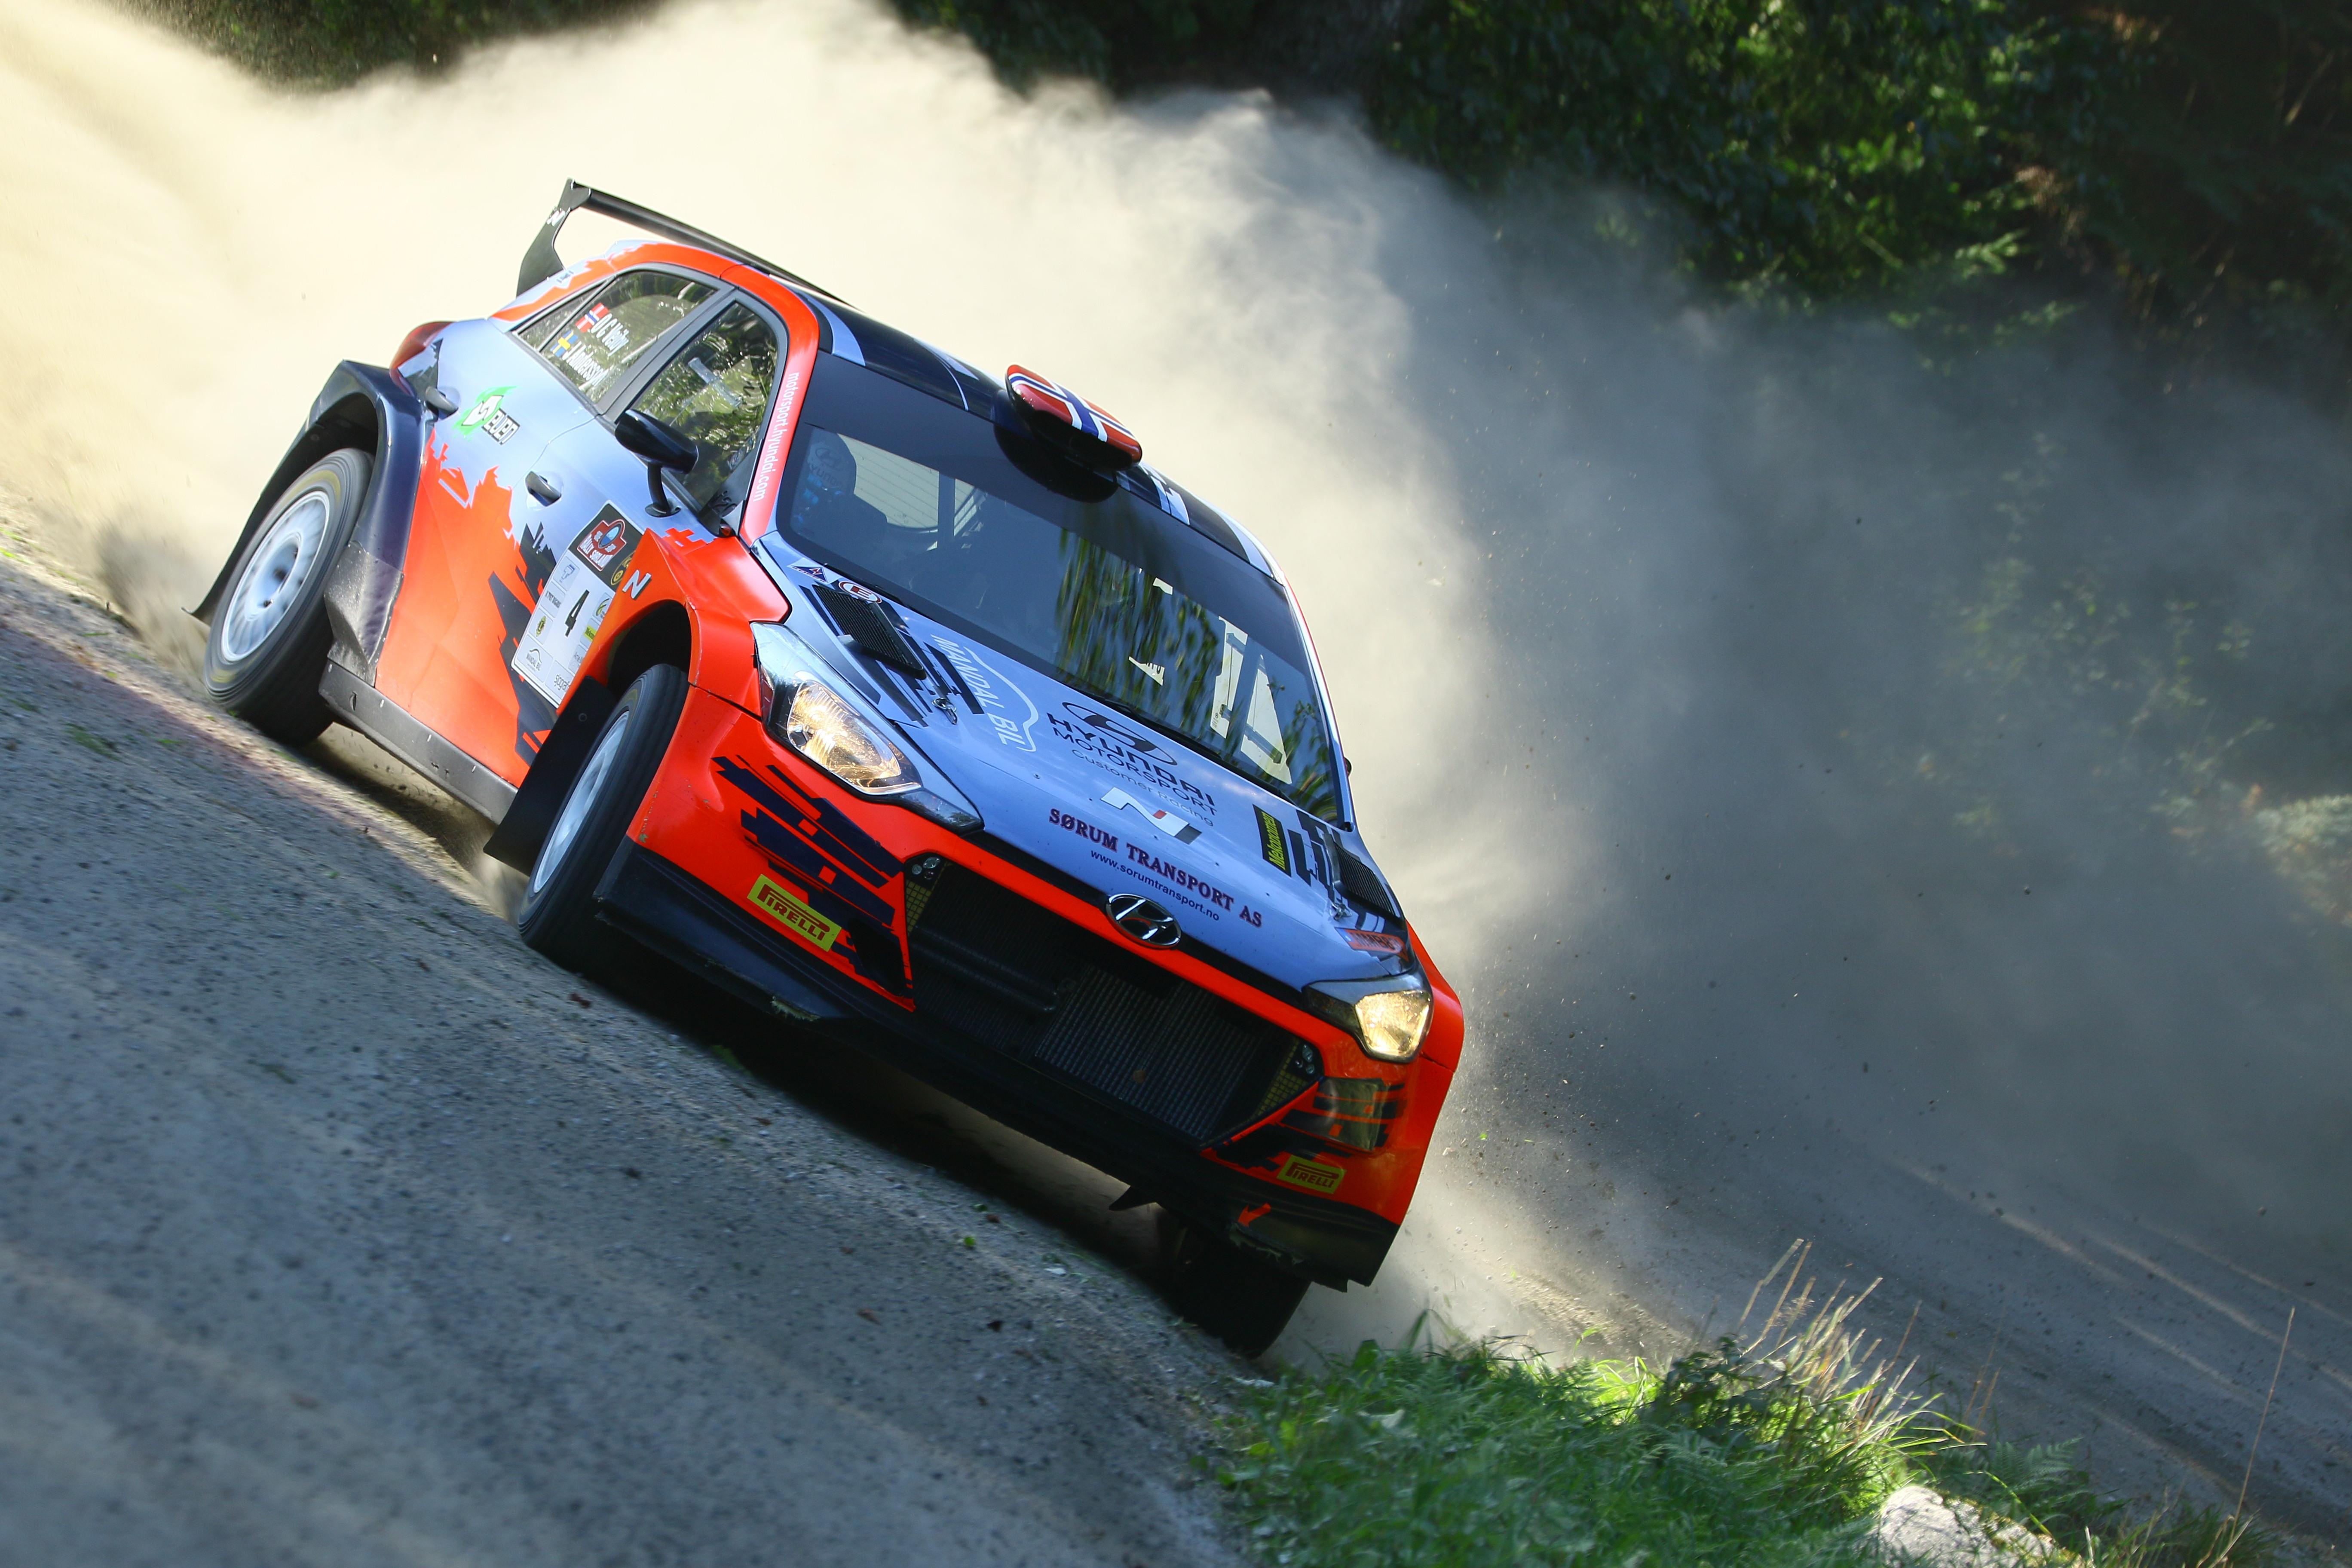 Ole Christian Veiby - Rally Sorland - i20 R5